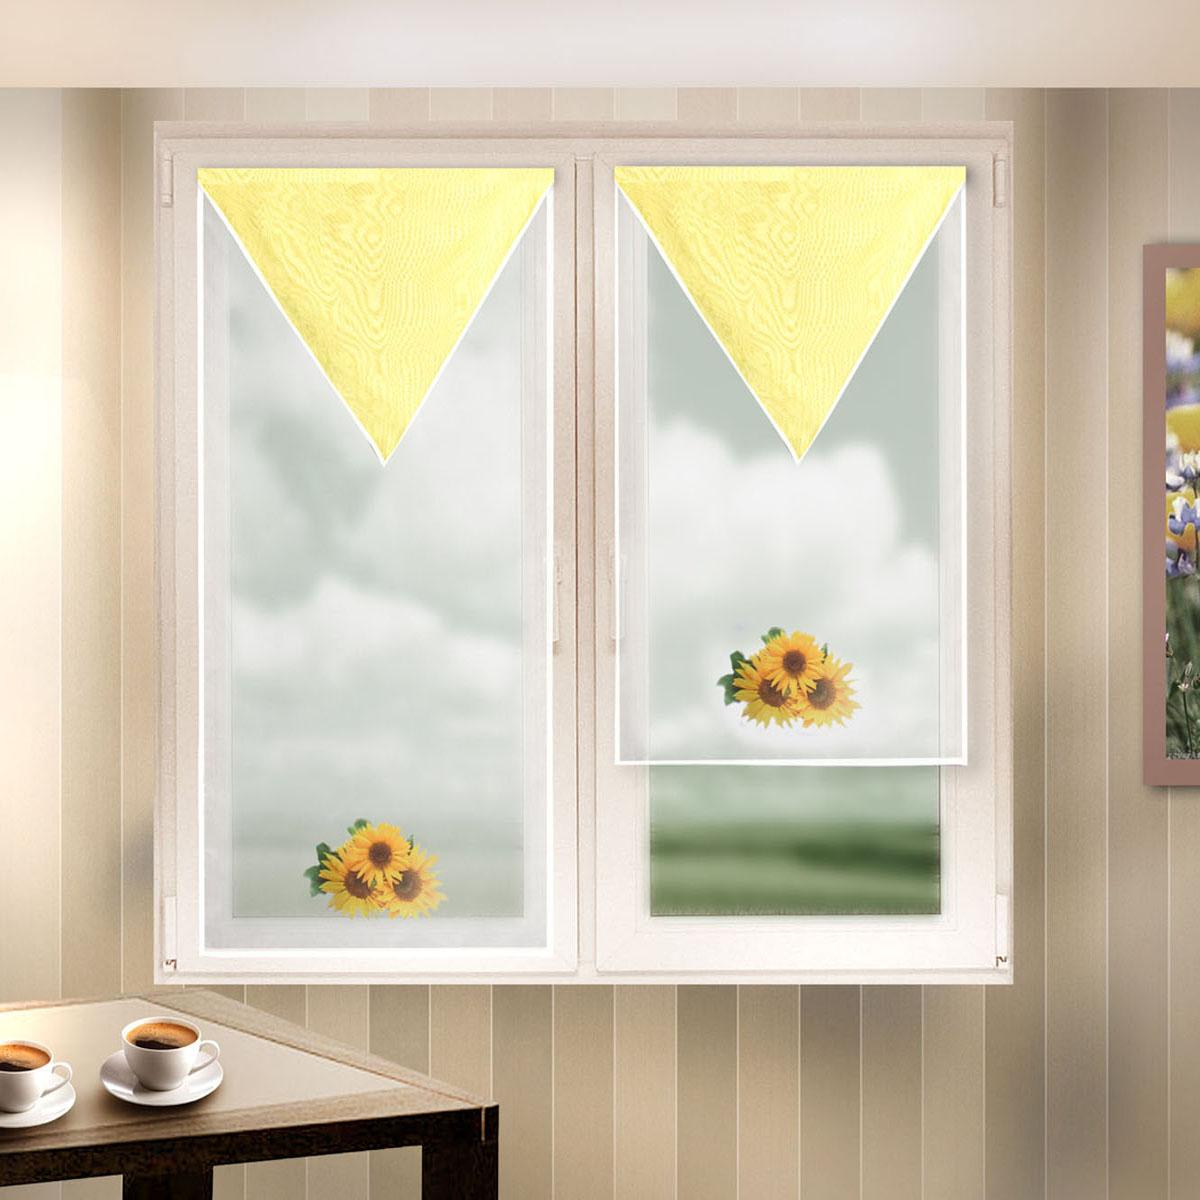 Гардина Zlata Korunka, на липкой ленте, цвет: белый, желтый, высота 90 см и 140 см, 2 шт. 666059-1 zlata korunka женские платки носовые 3 шт